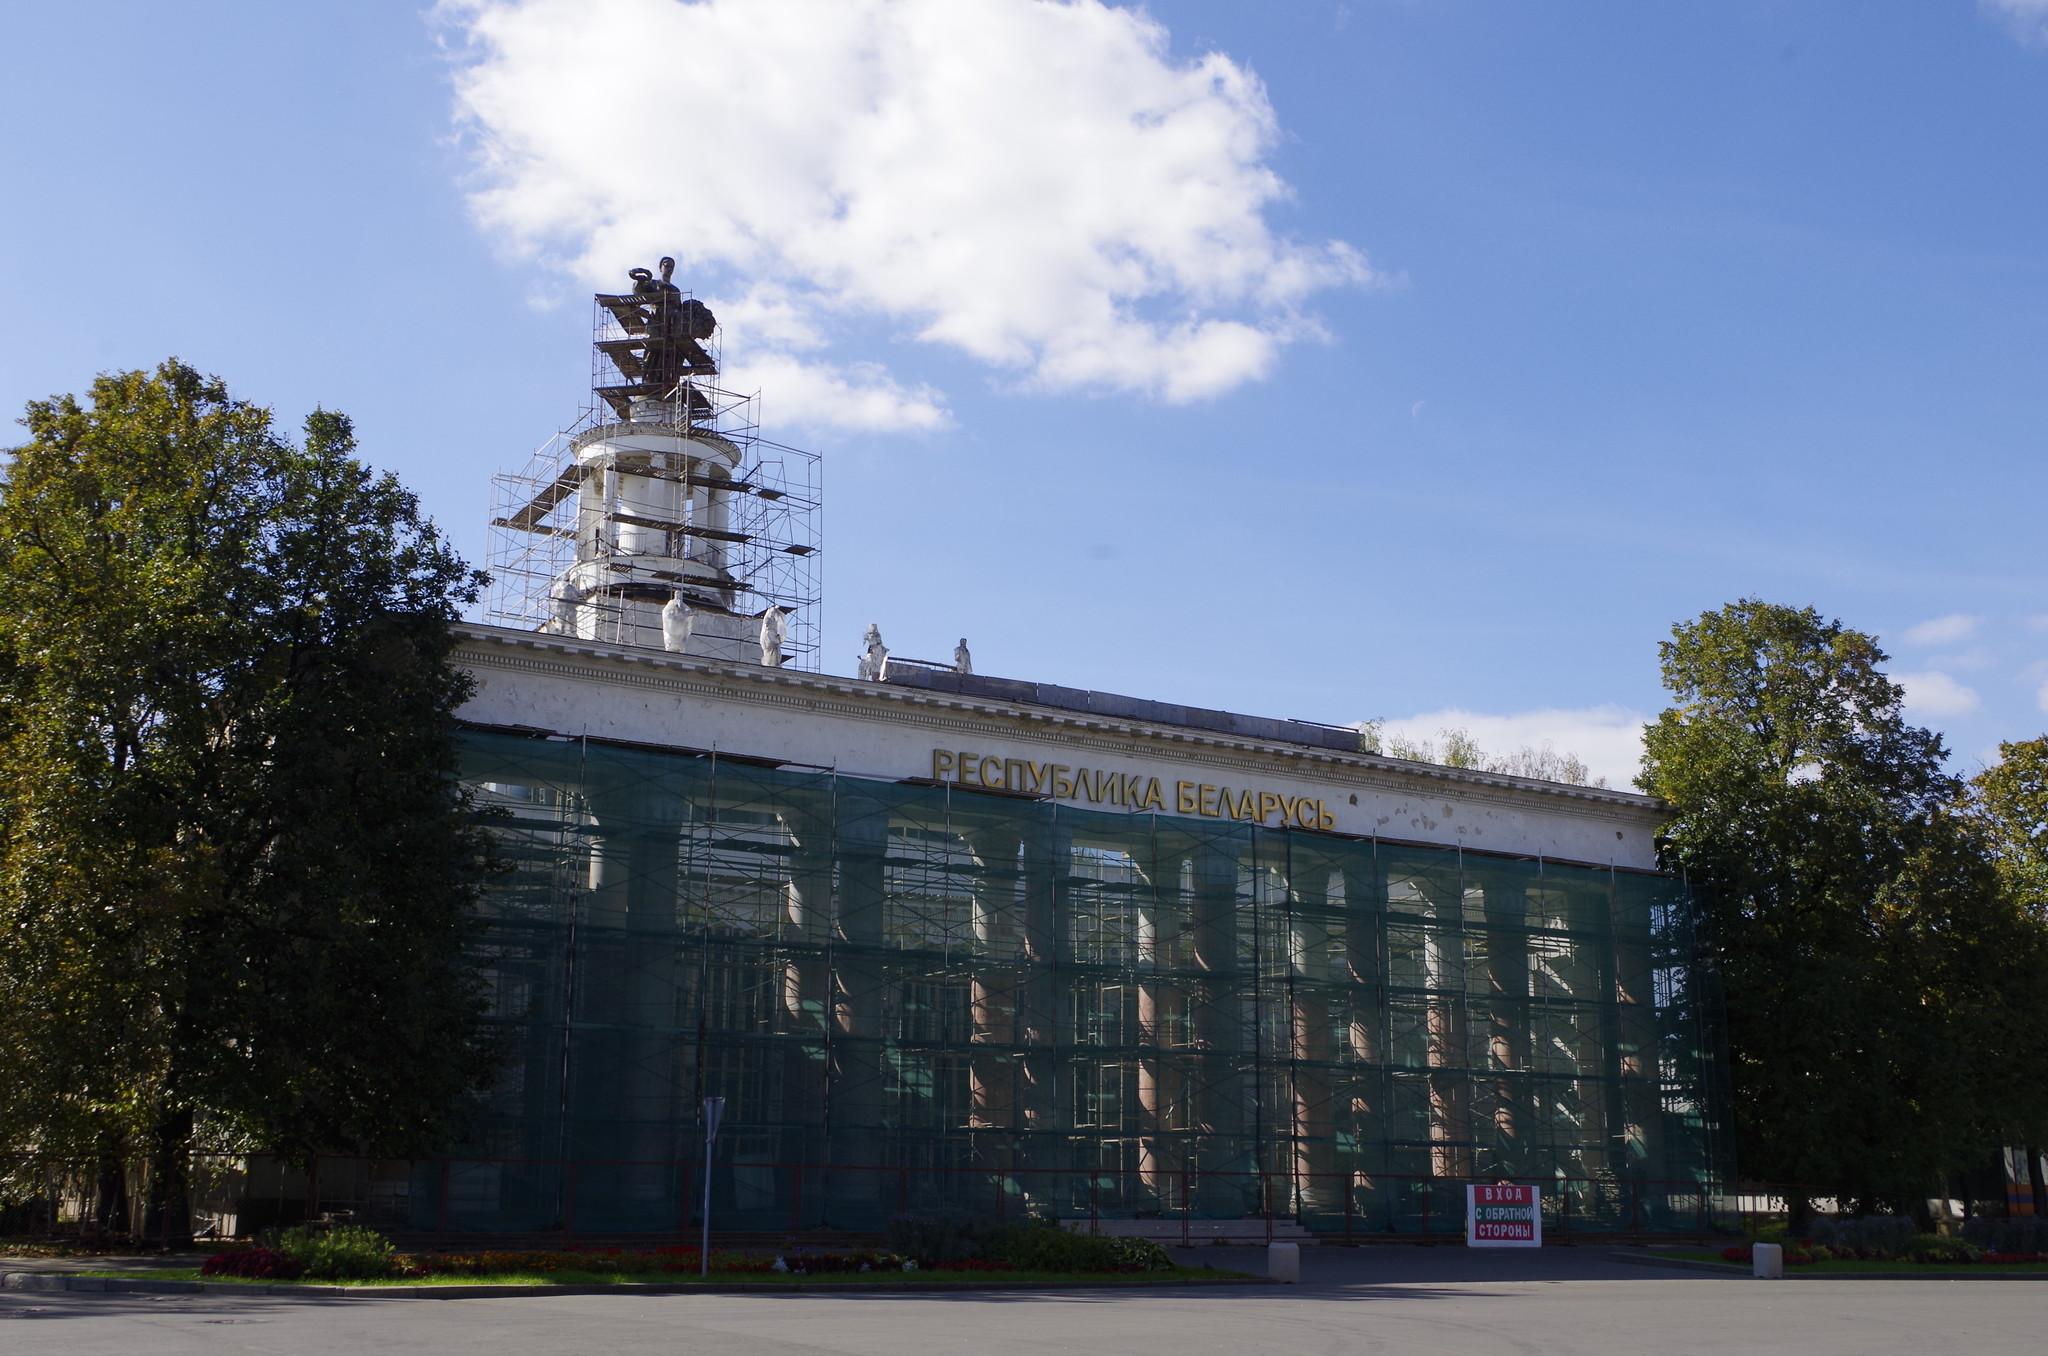 Реставрация павильона № 18 «Республика Беларусь»